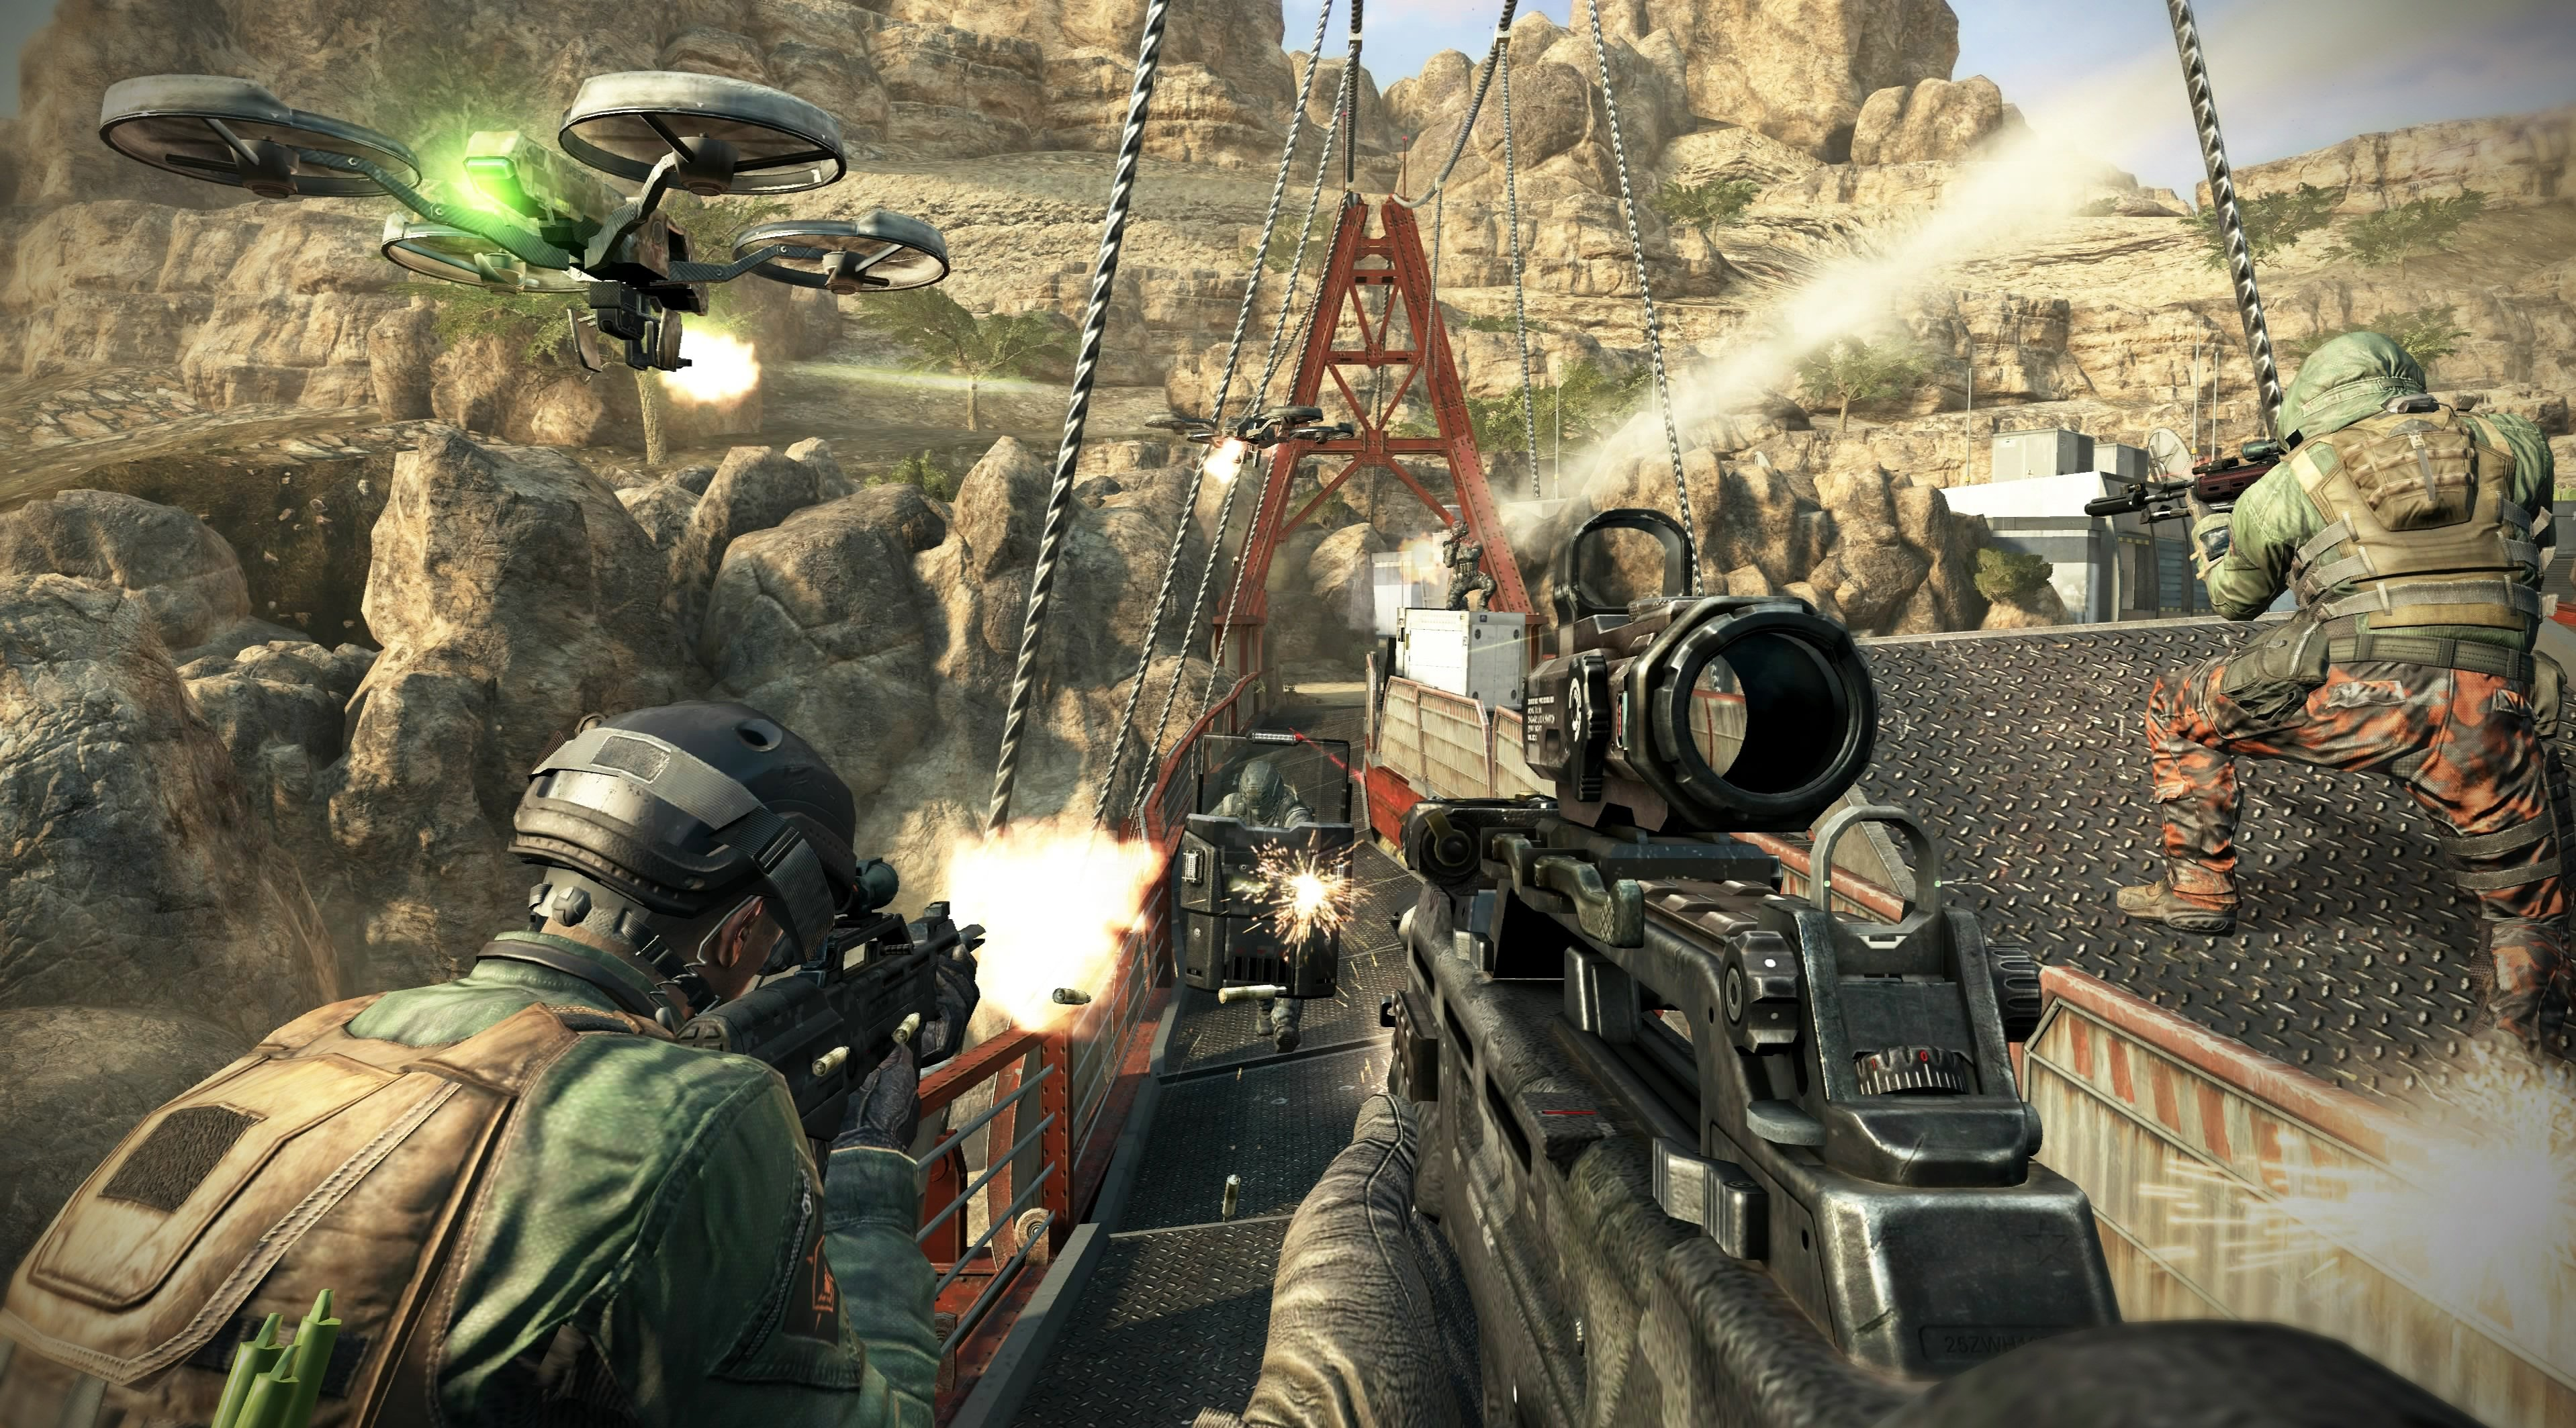 Все знают дойную машину Activision эта серия игр Call of Duty на этот раз Call of Duty Black Ops 2. Действие происхо .... - Изображение 1